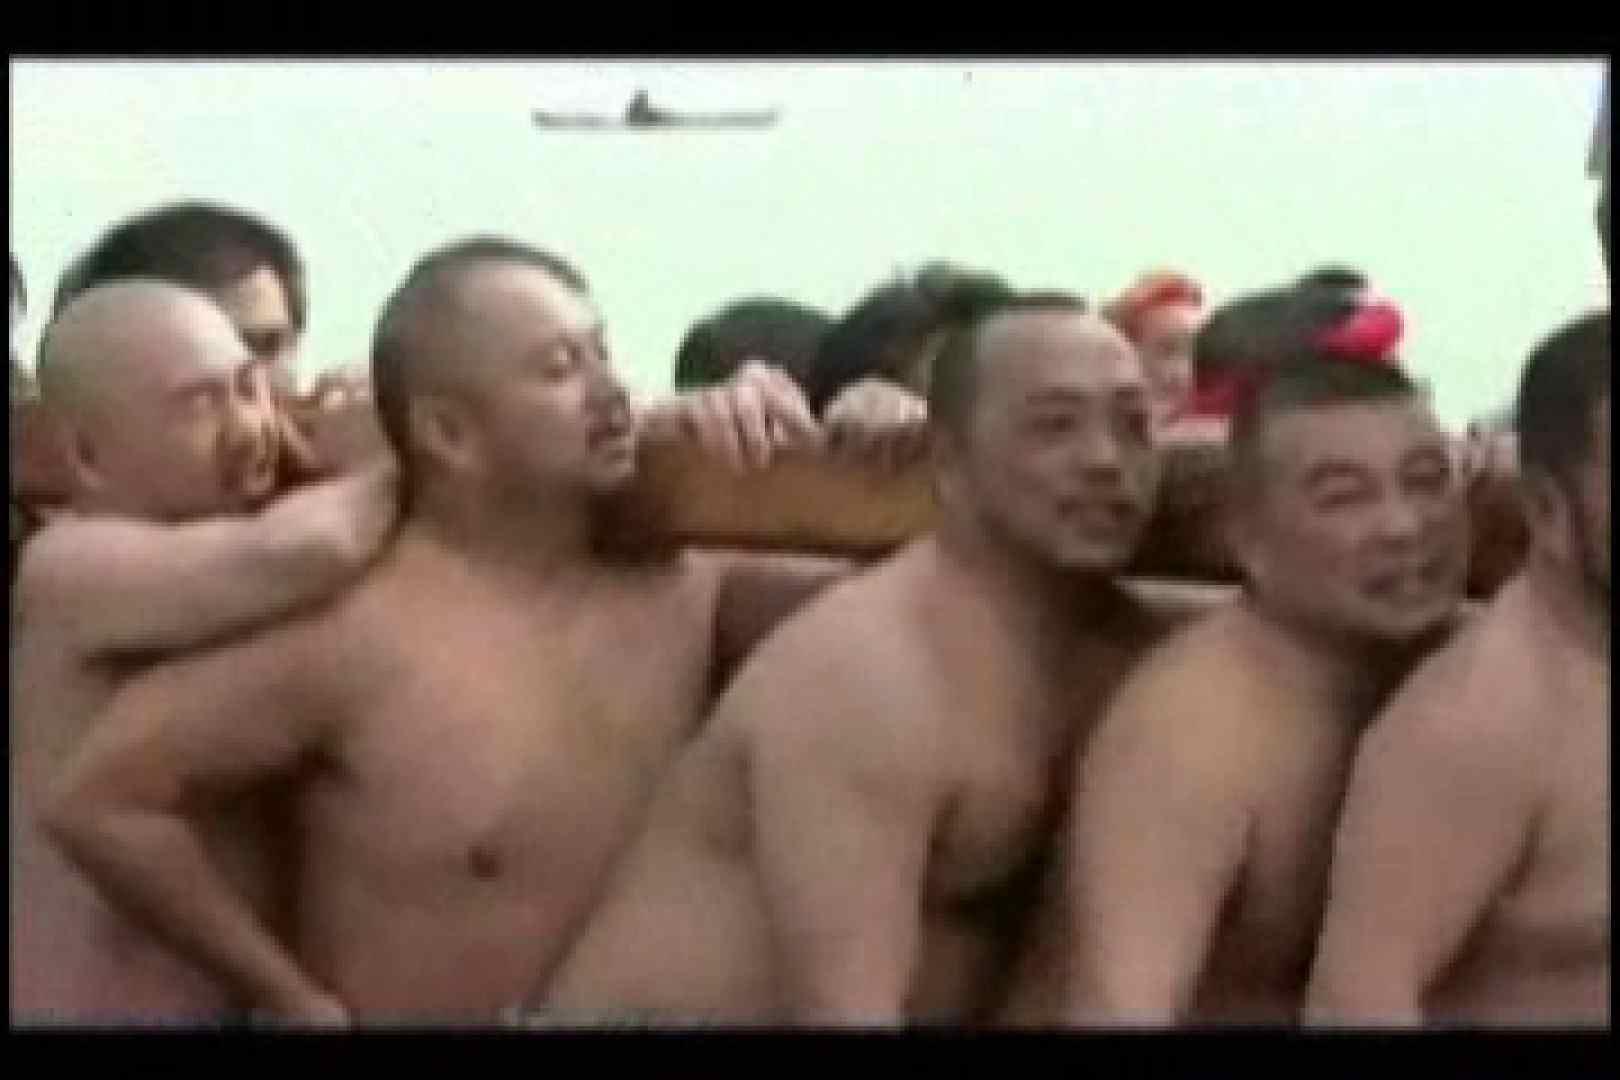 陰間茶屋 男児祭り VOL.2 チンコ ゲイエロ動画 88pic 13